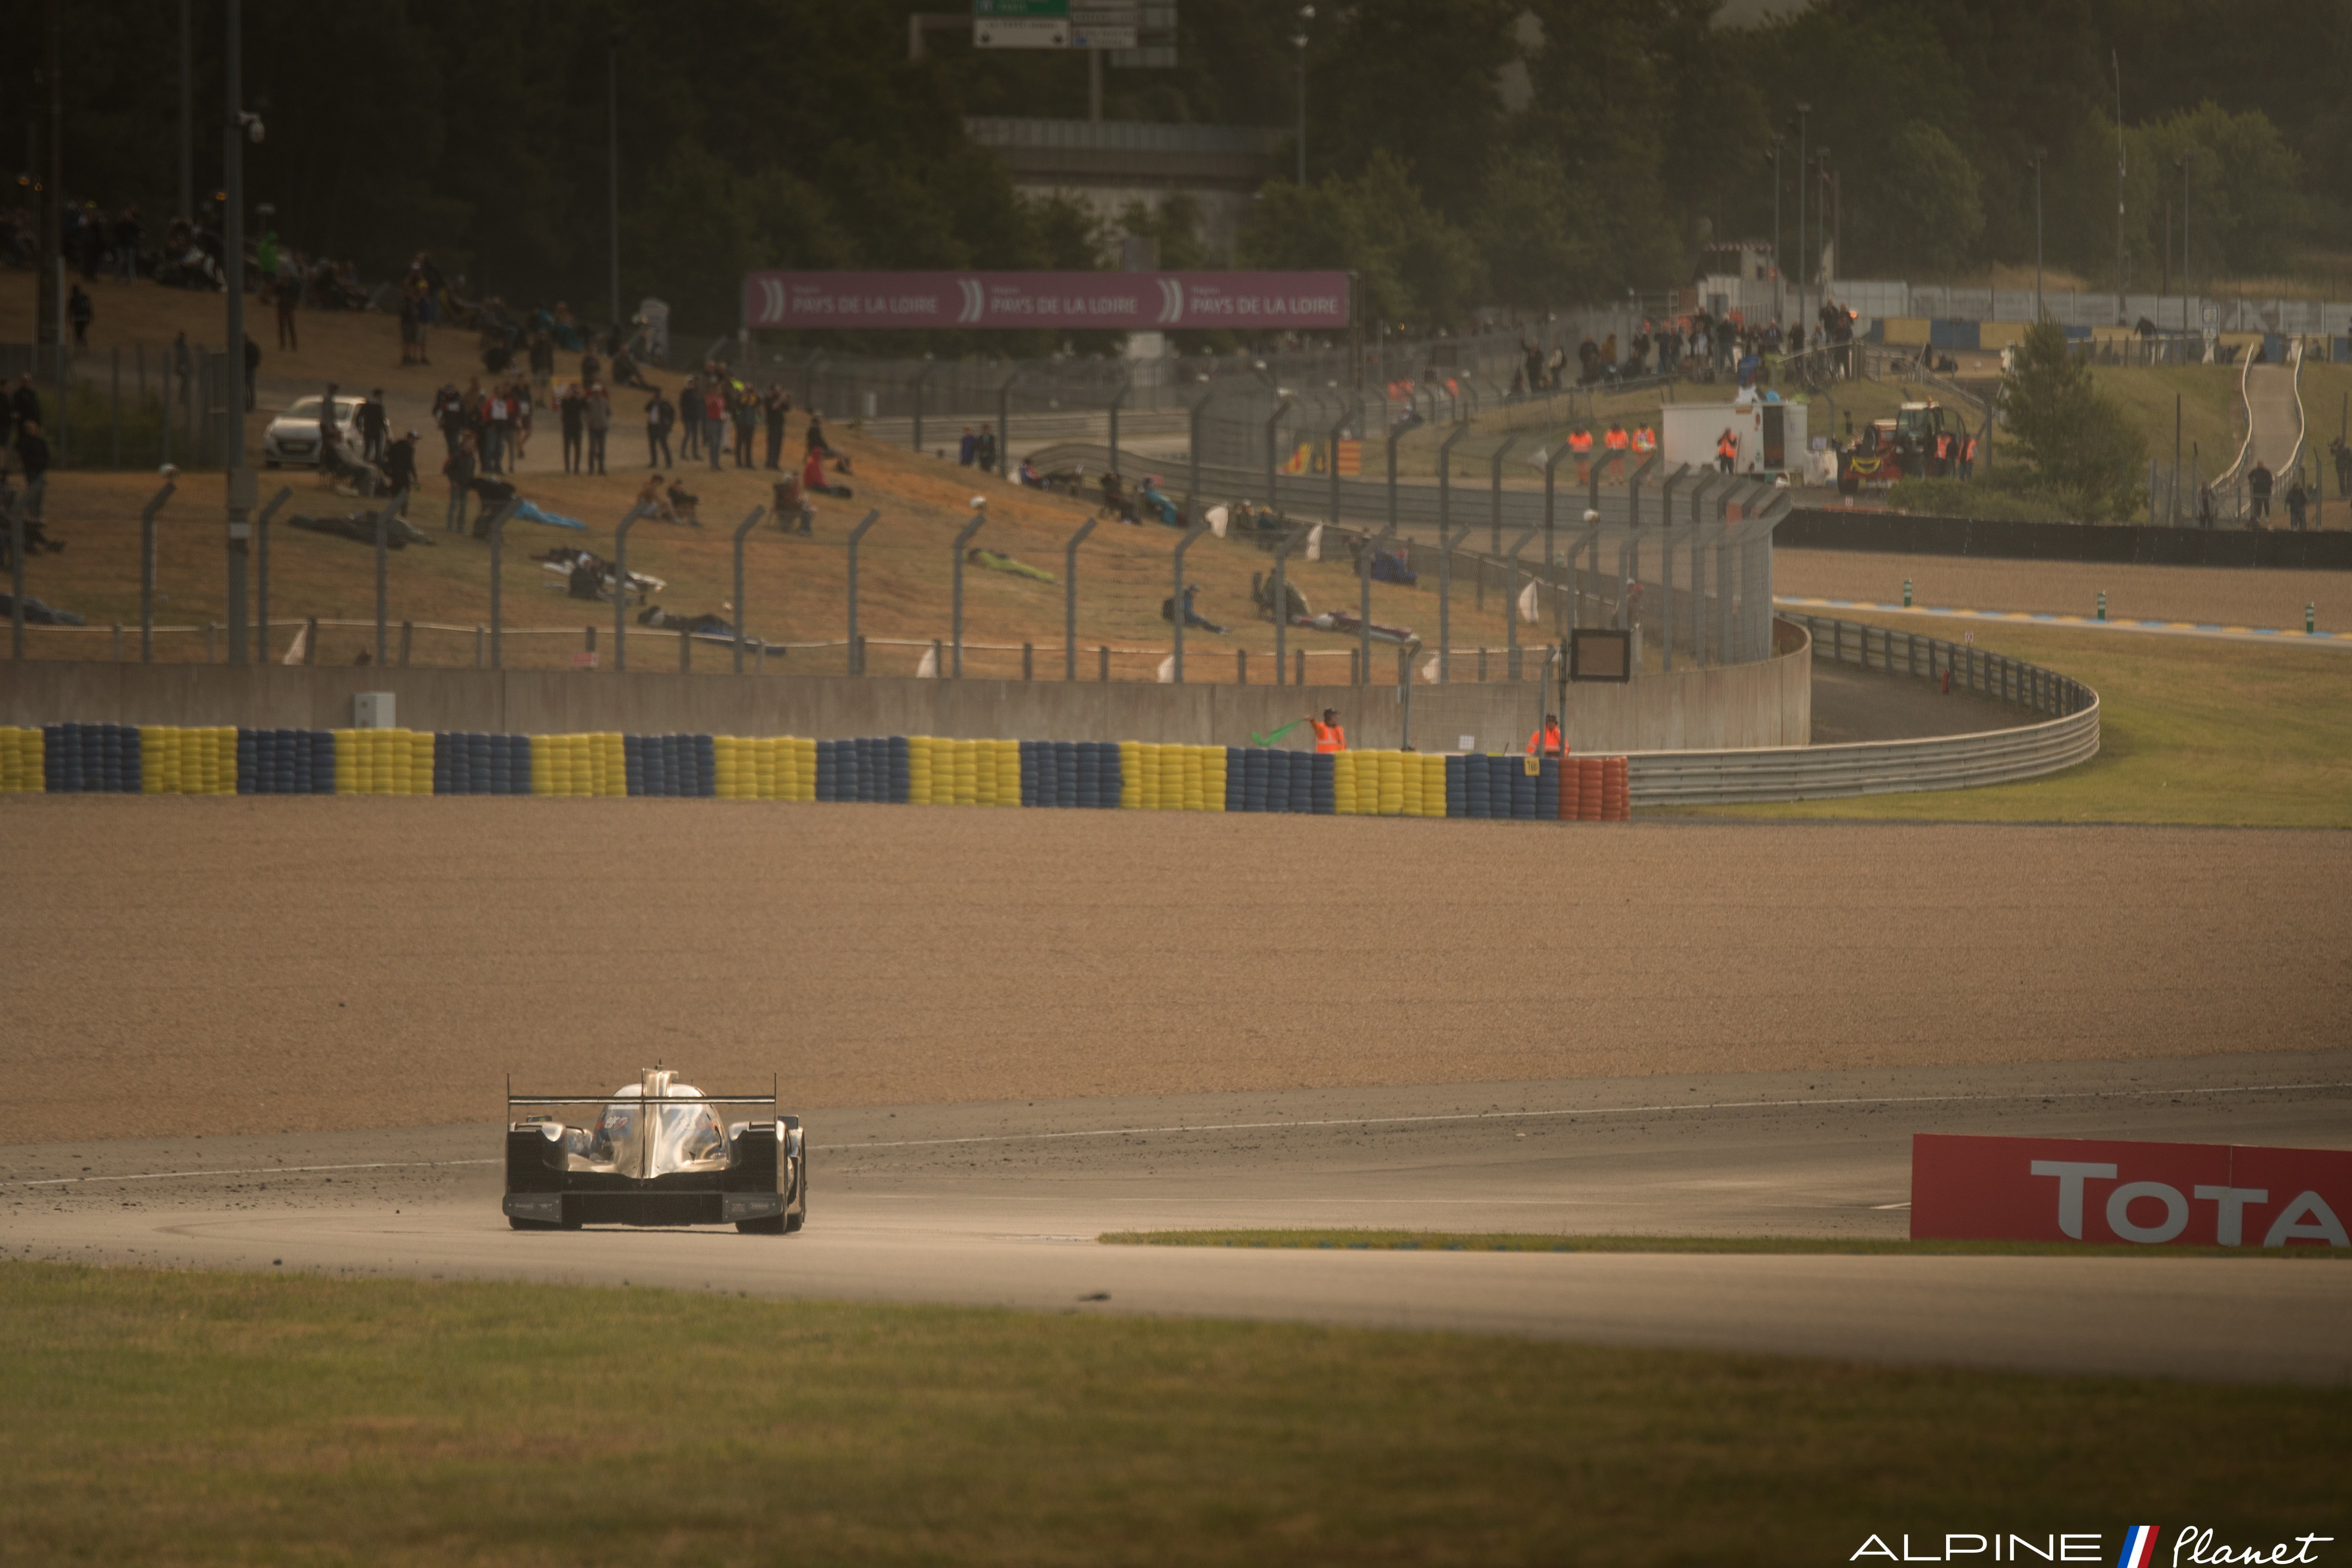 DSC3078 | Remise des prix FIA WEC Super Saison 2018-2019